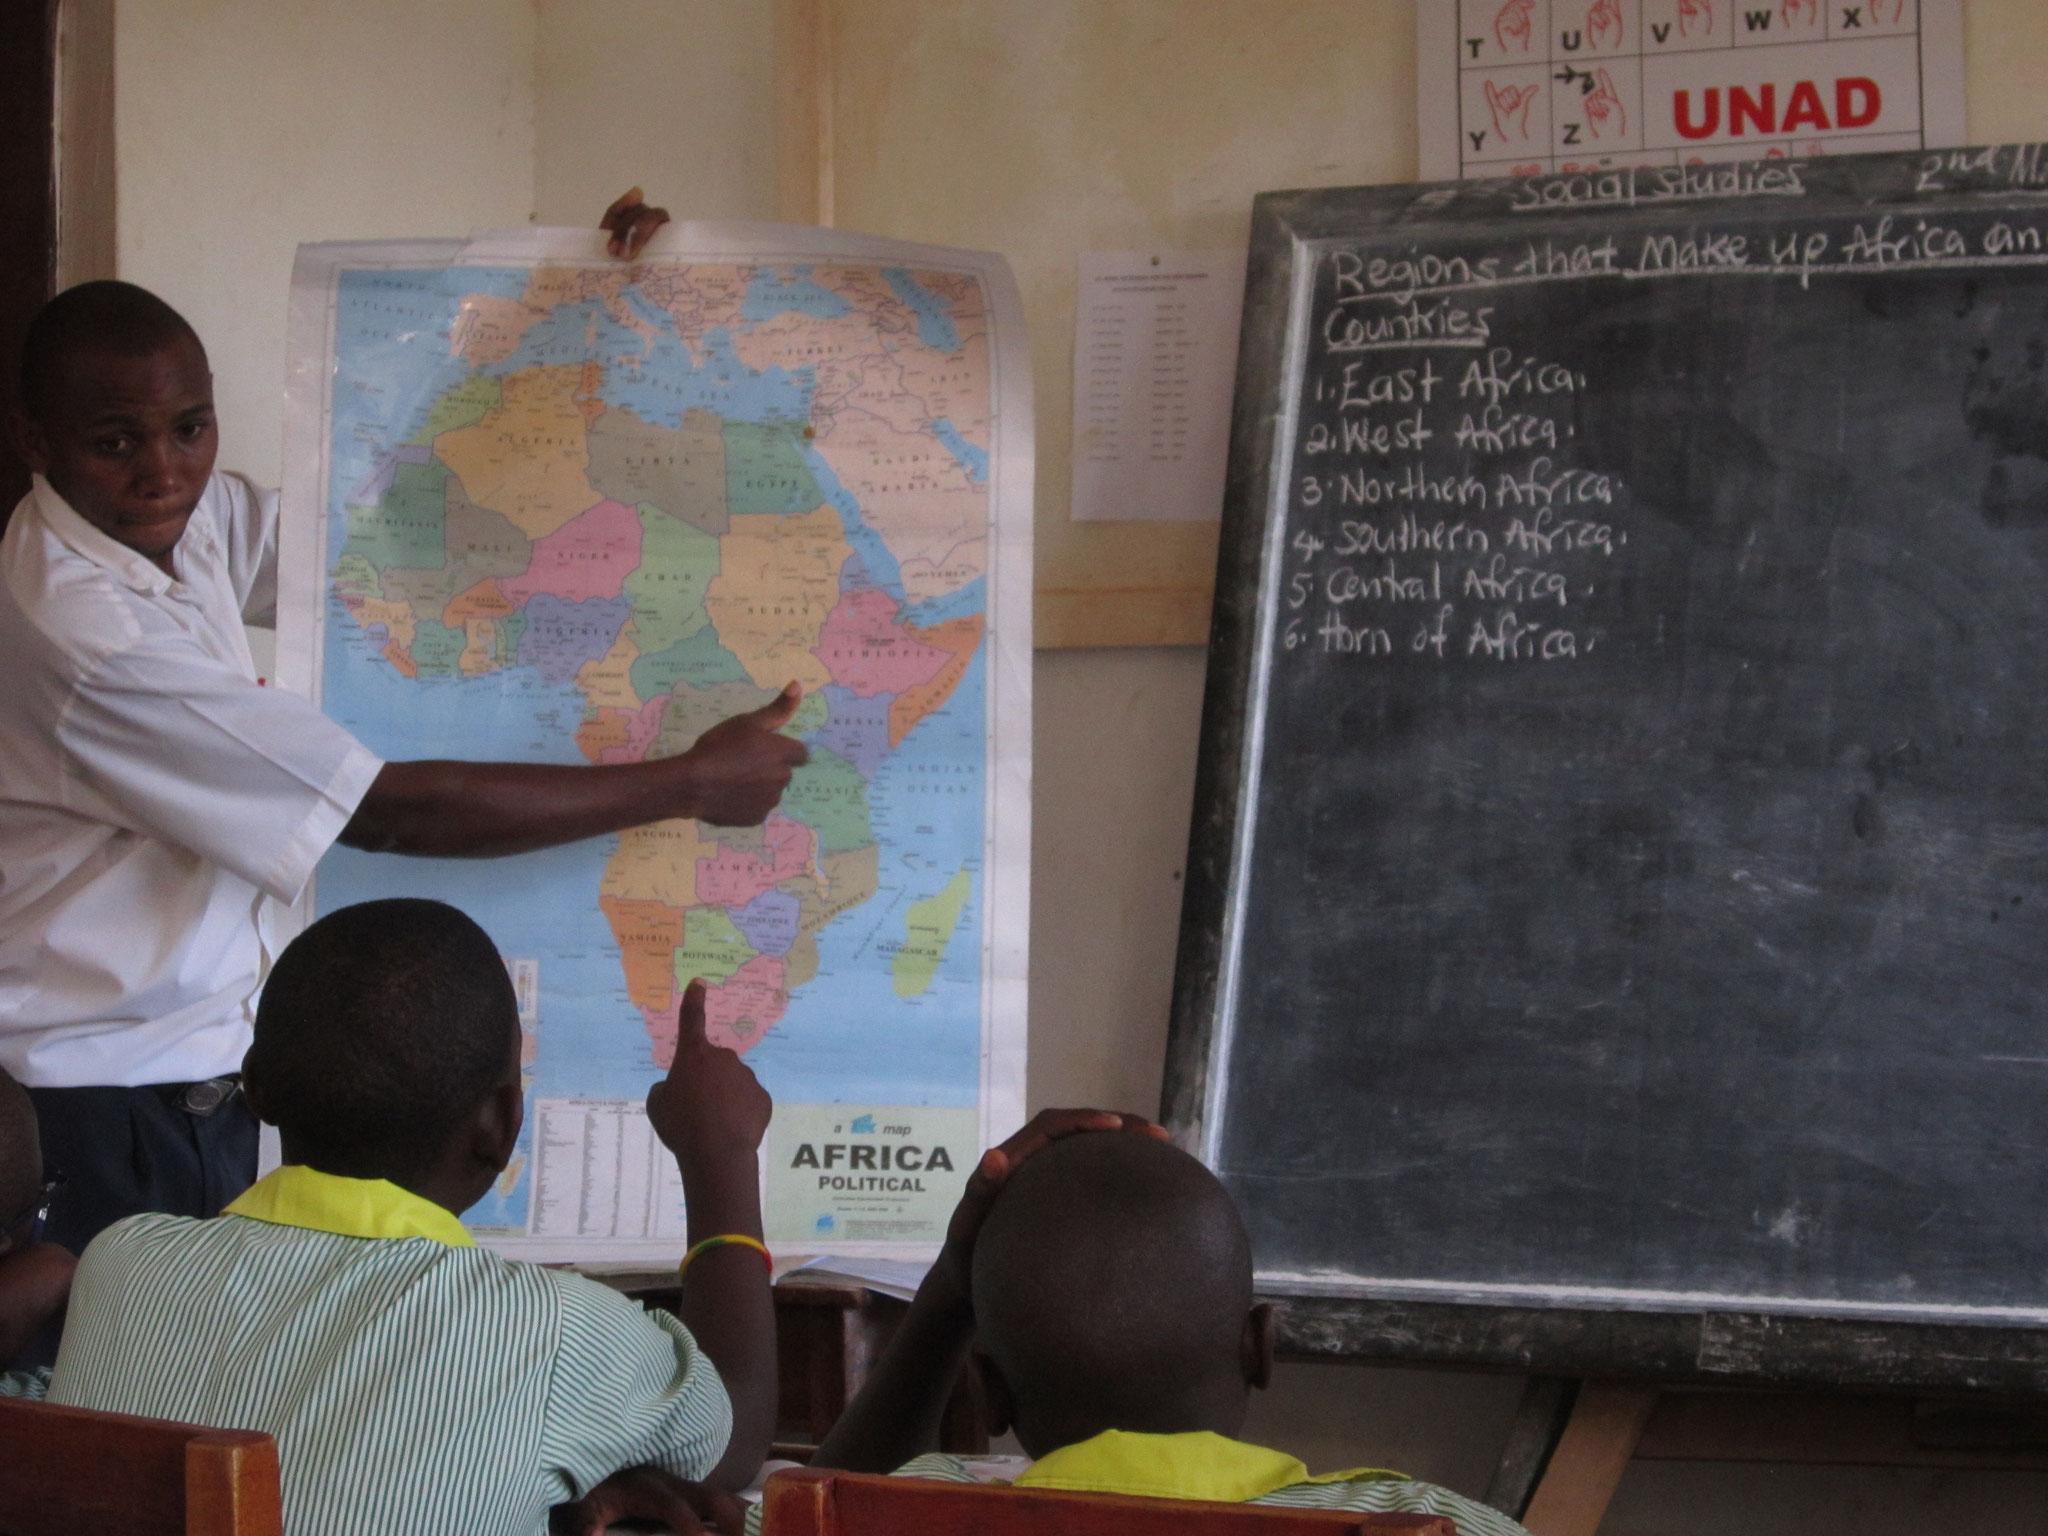 Und hat natürlich die Karte für Afrika parat